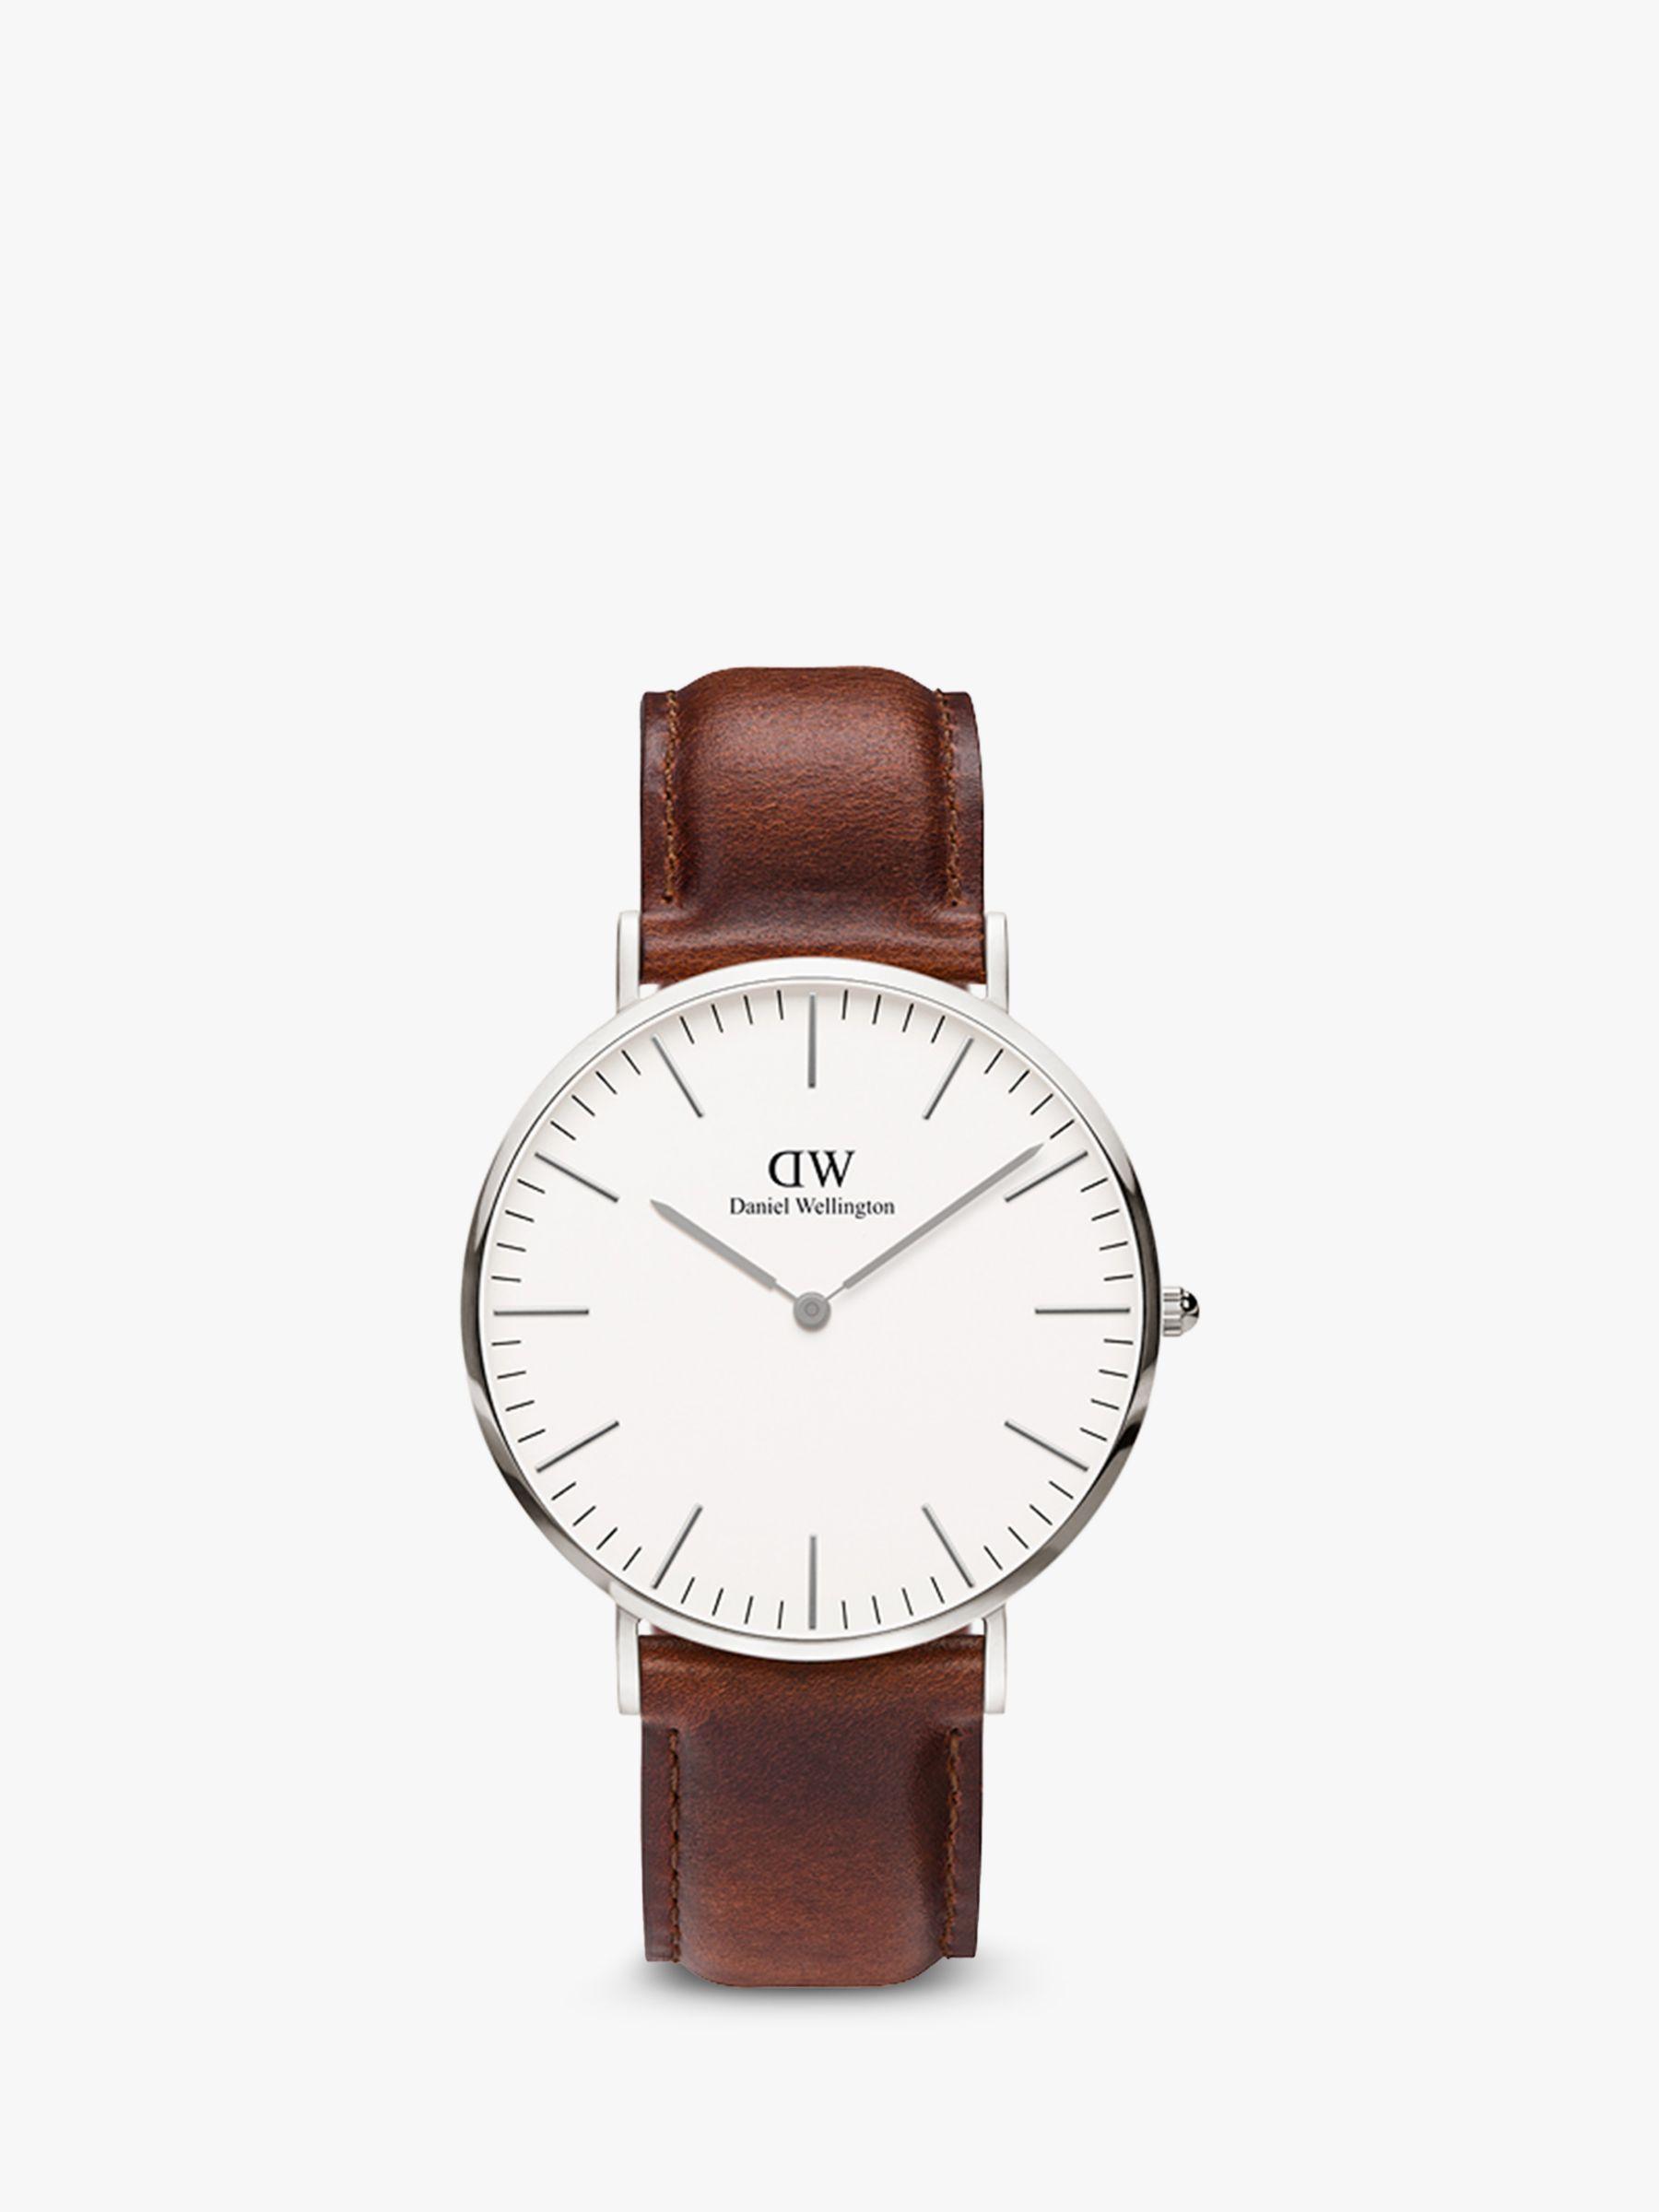 Daniel Wellington Daniel Wellington 0207DW Men's Classic St. Mawes Leather Strap Watch, Brown/White